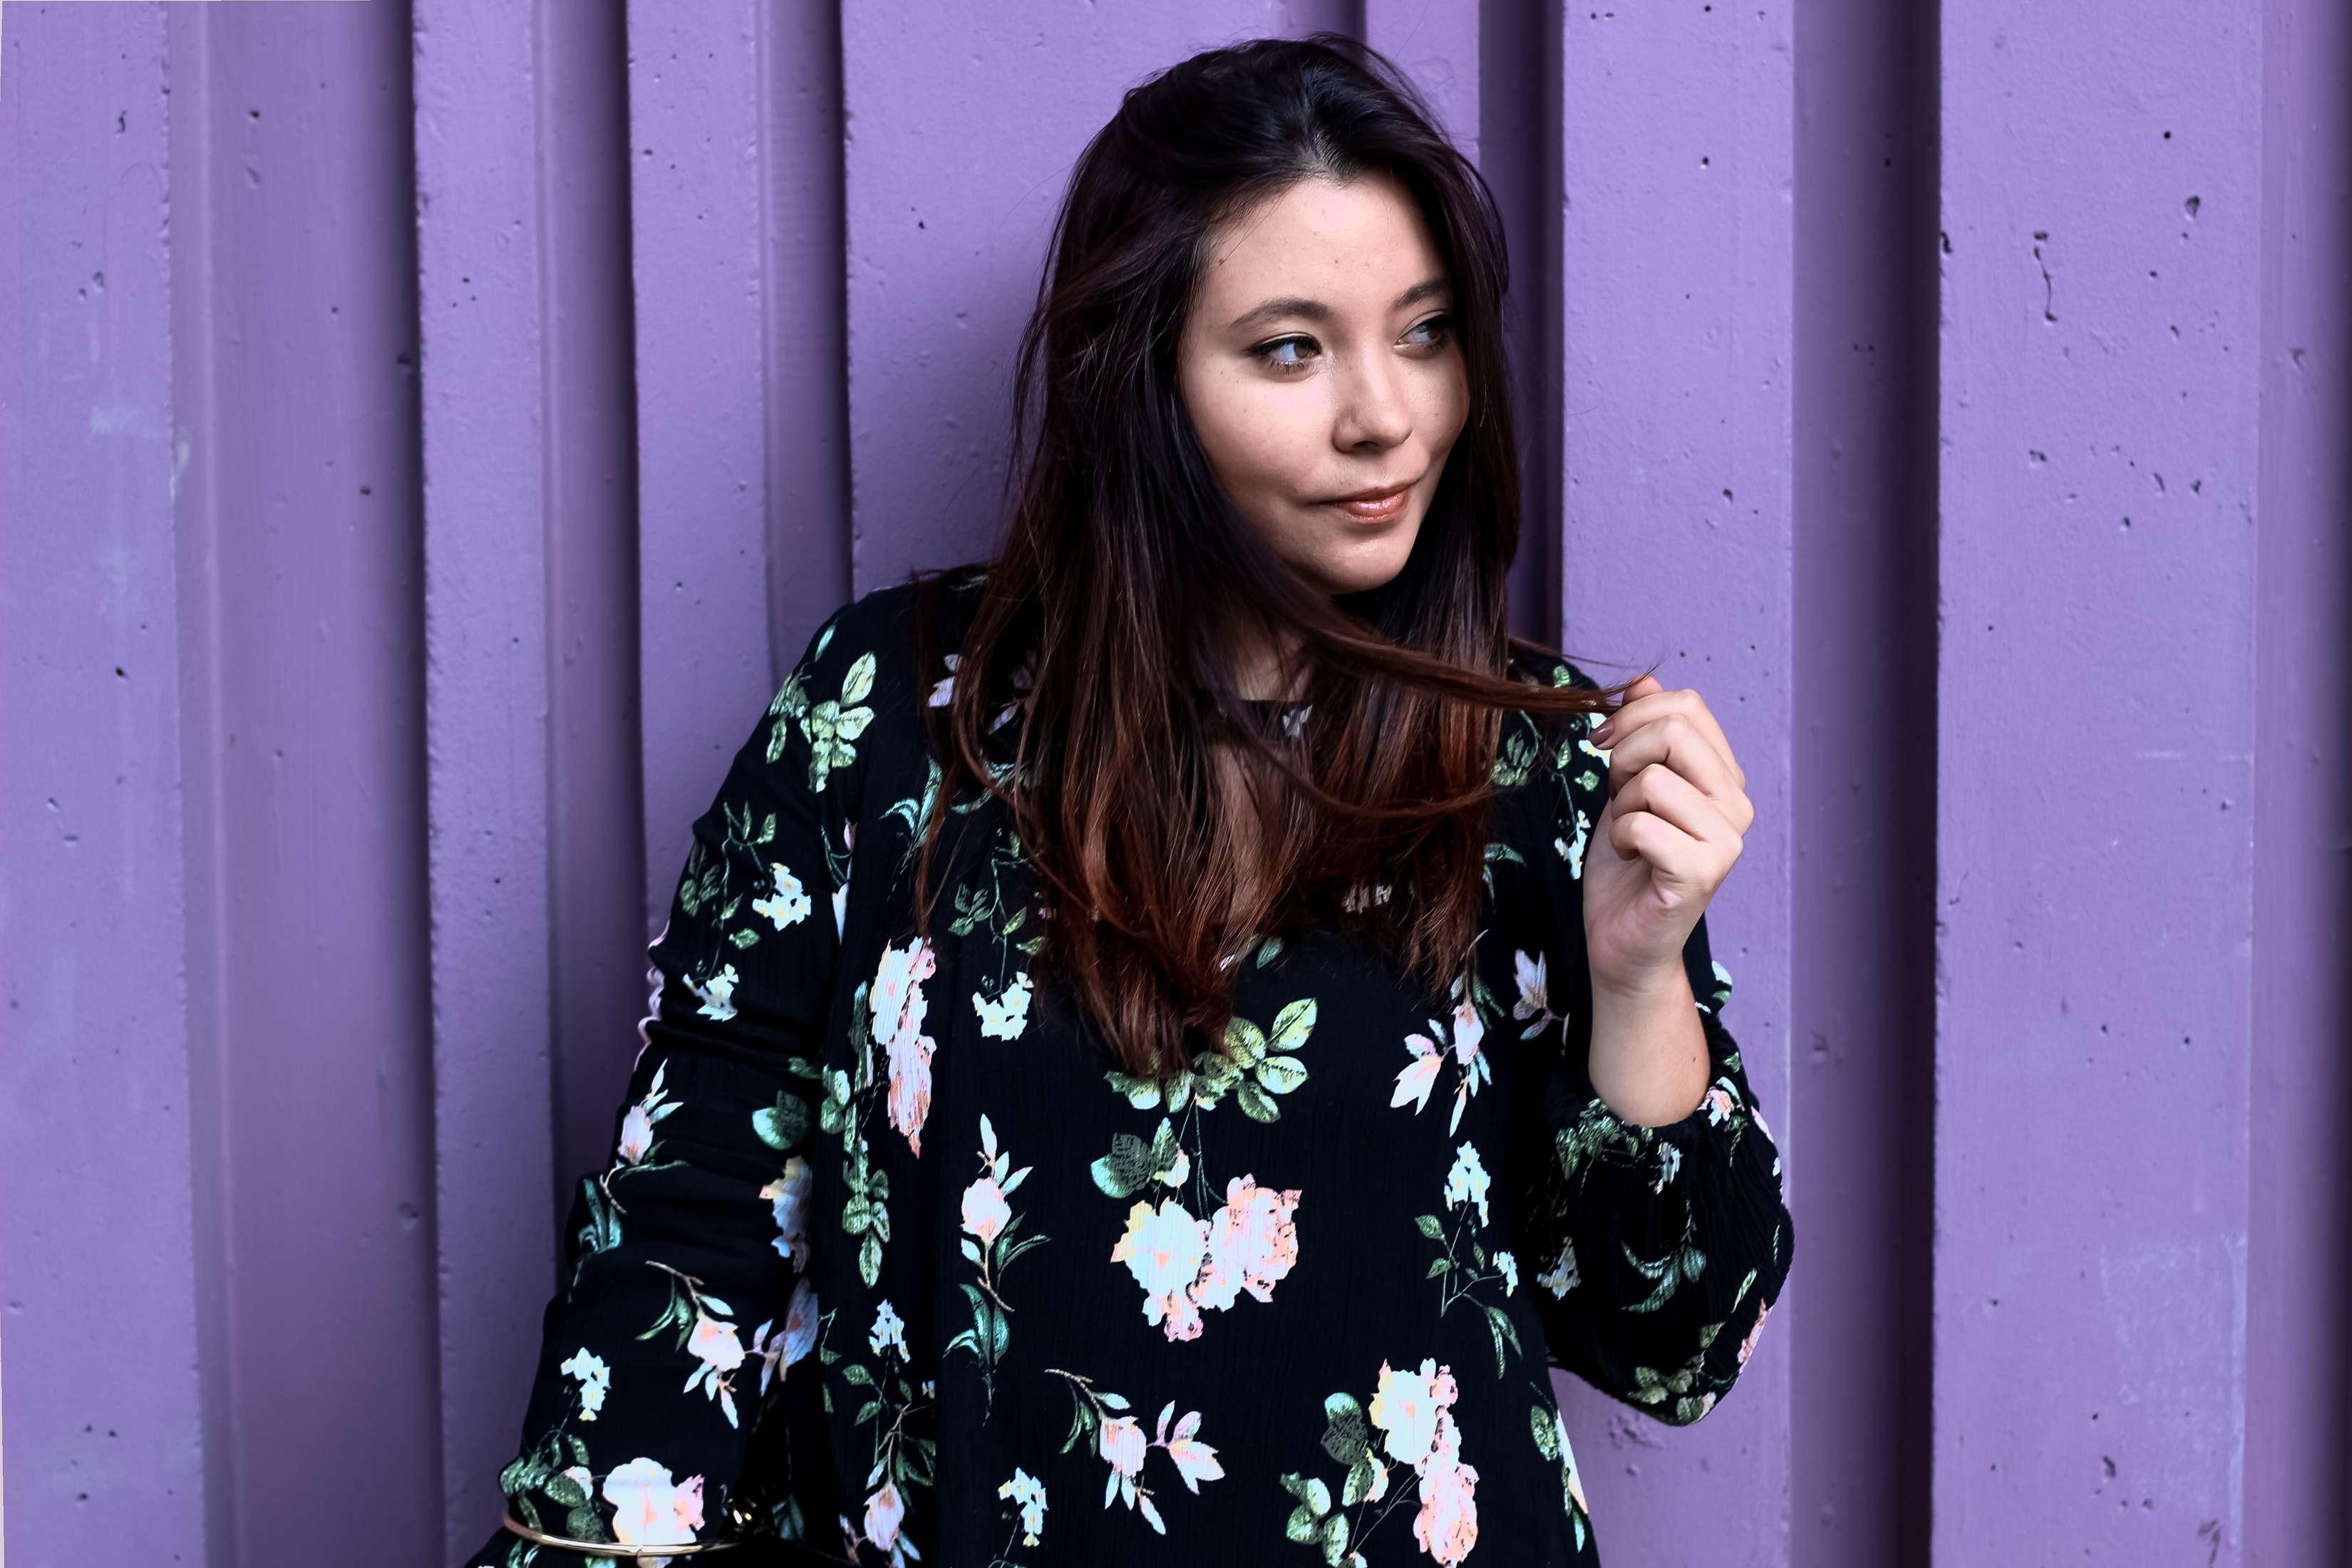 mur violet paris, mur coloré paris, blog mode, the green ananas, robe fleurs, shein, sac inspi chloé, boots inspi susana chloé, blogueuse mode, purple, bouble d'oreille xxl, beaugrenelle